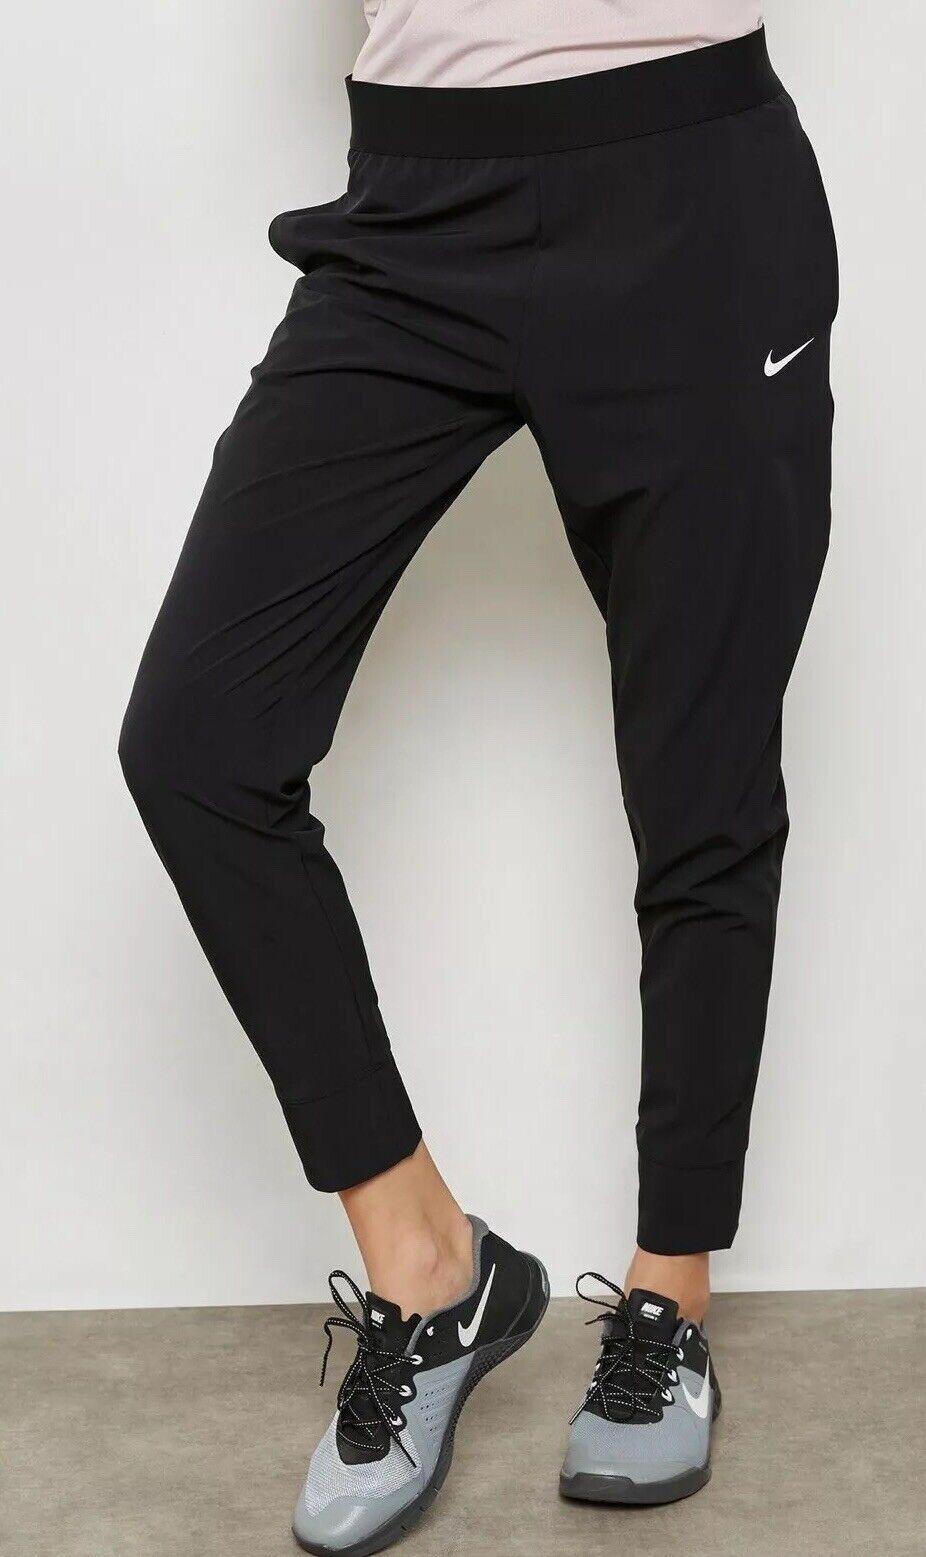 Nike Bliss  victoria Slim Fit mediados de subida de Gimnasia 933826-010 Negro Talla XL Nuevo  Sin impuestos